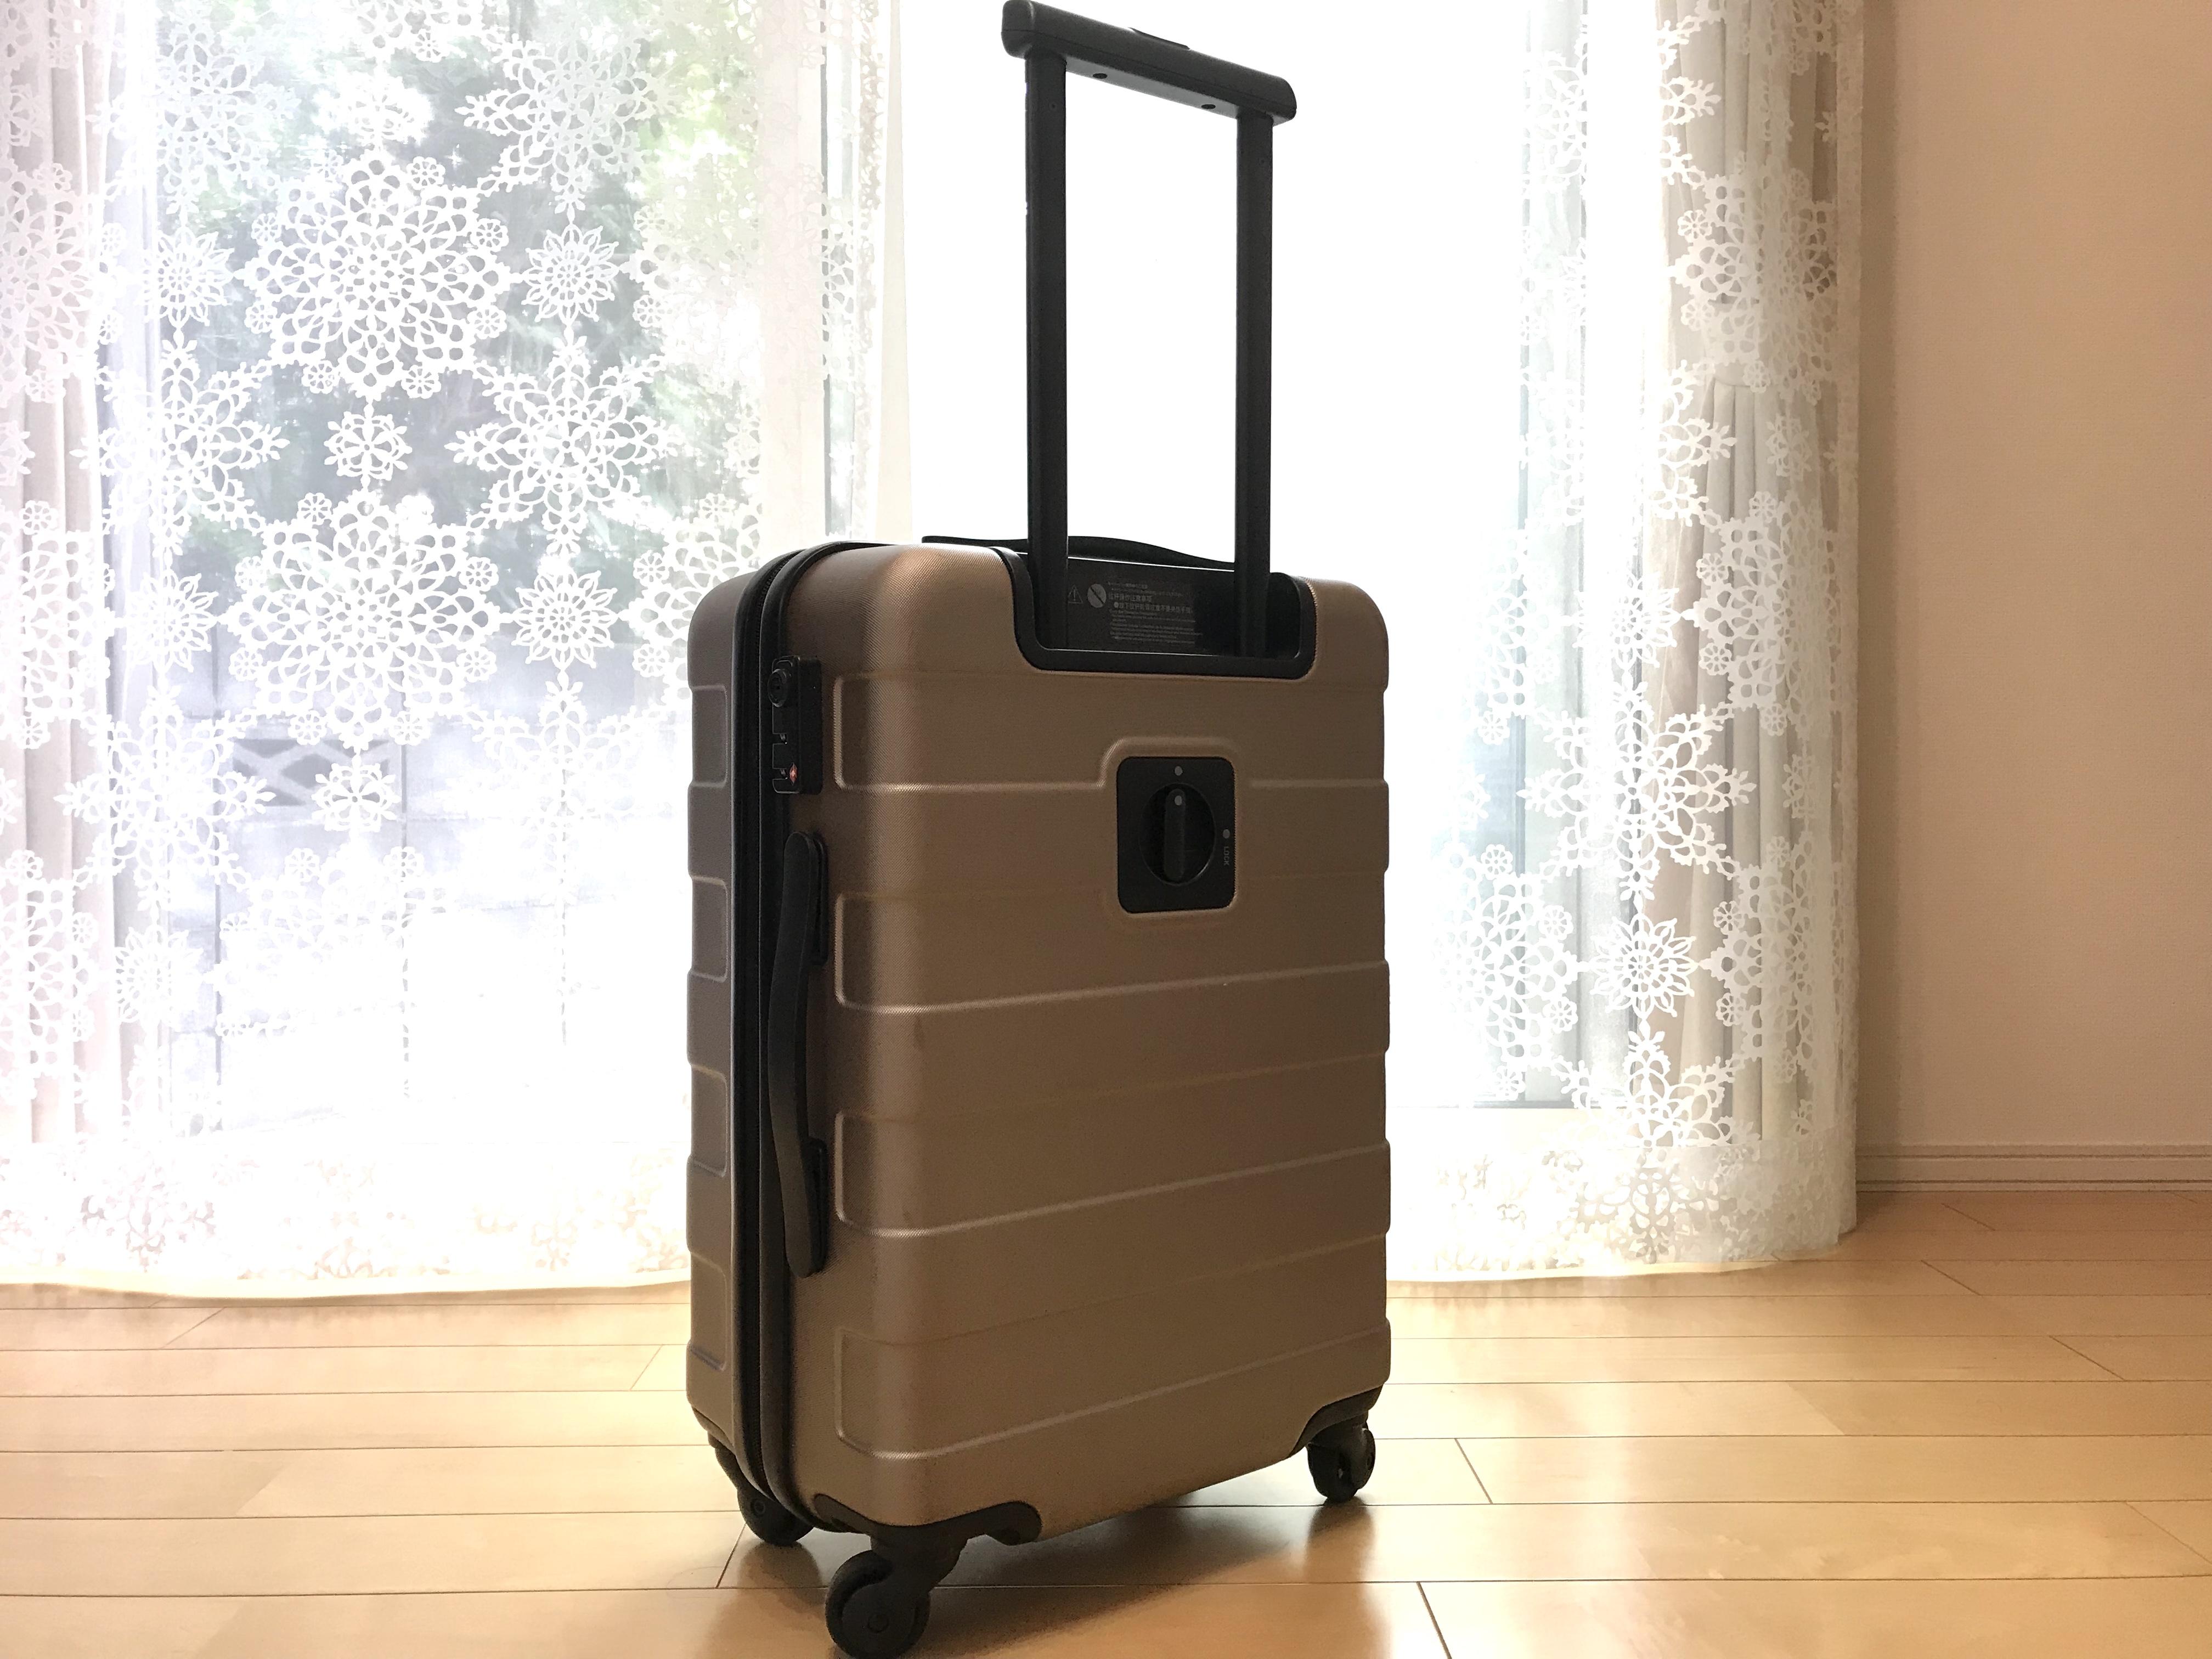 LIMIA投稿:運びやすい!が命のキャリーケースで無印良品製が秀逸な3つの理由